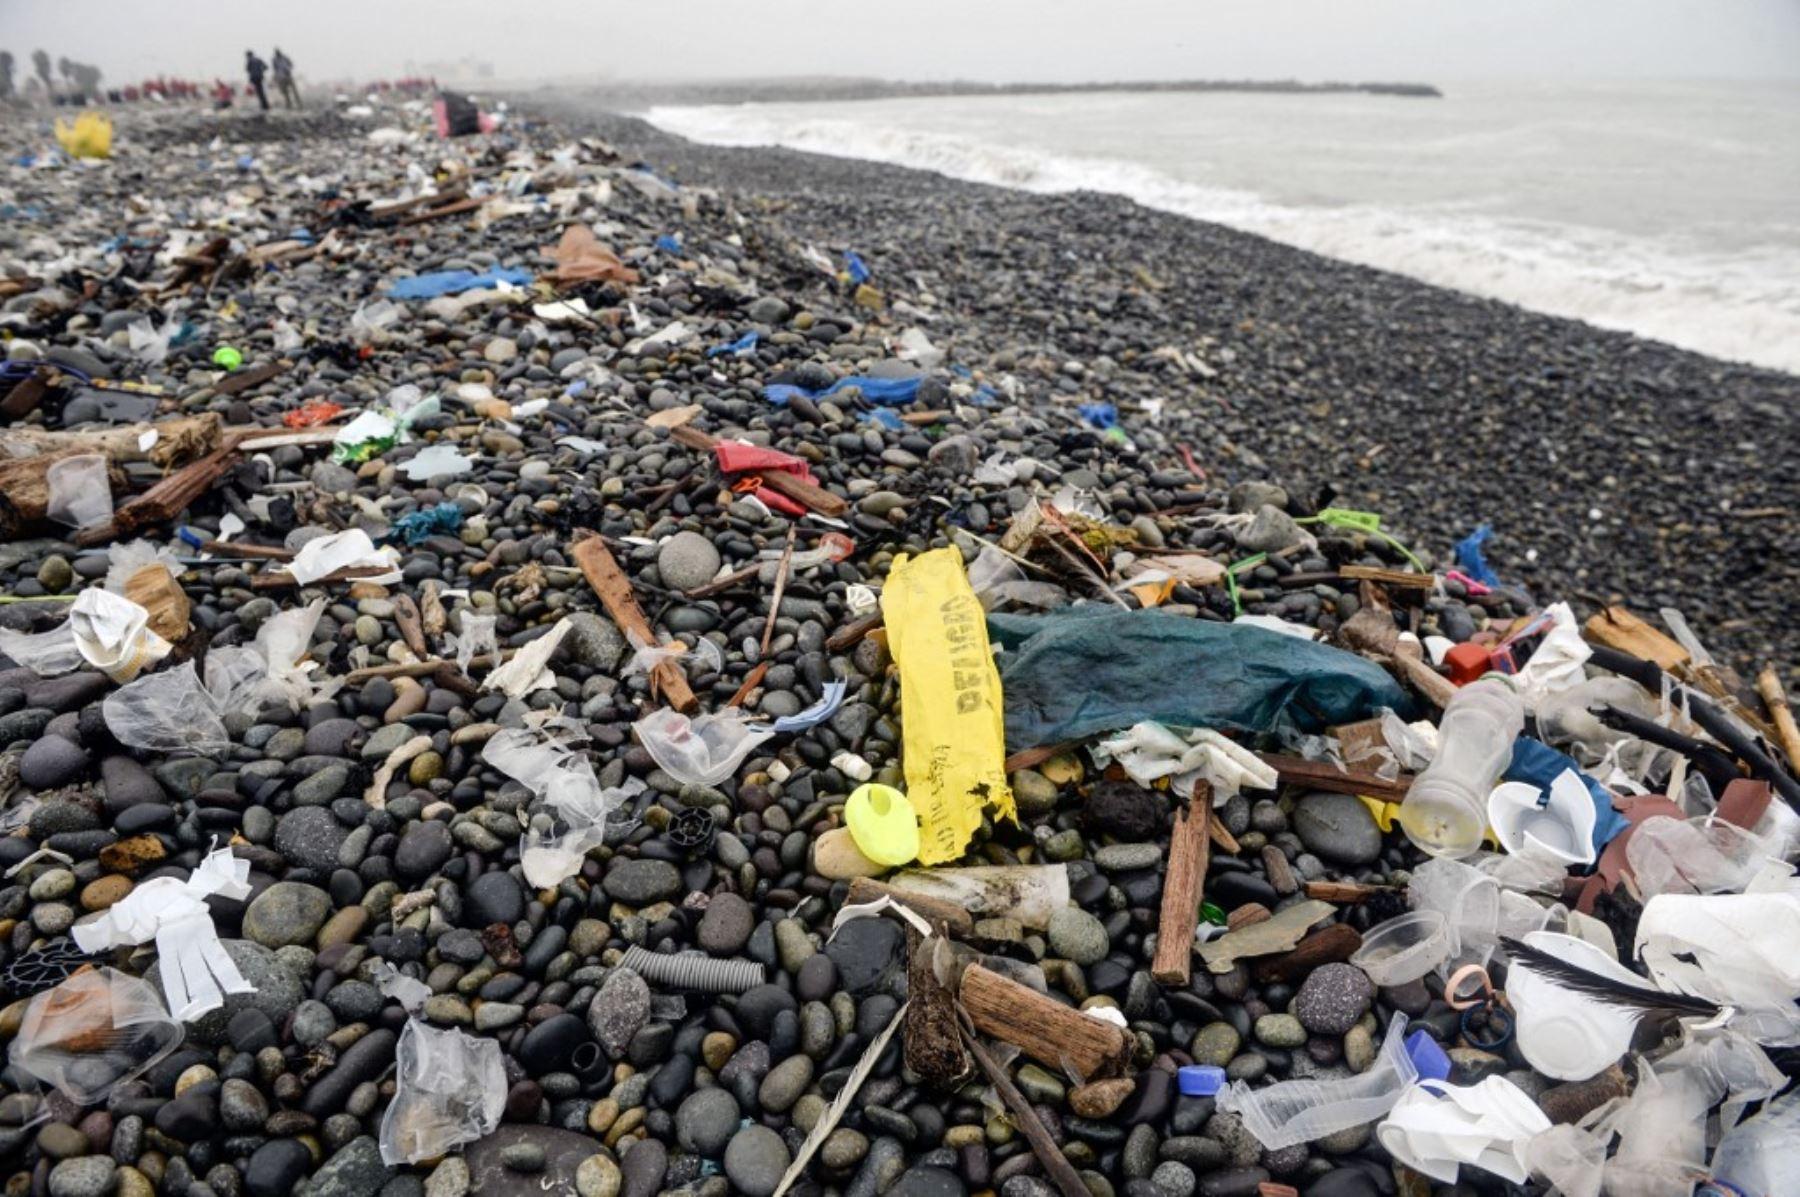 Contaminación del mar con residuos de plásticos. Foto: AFP